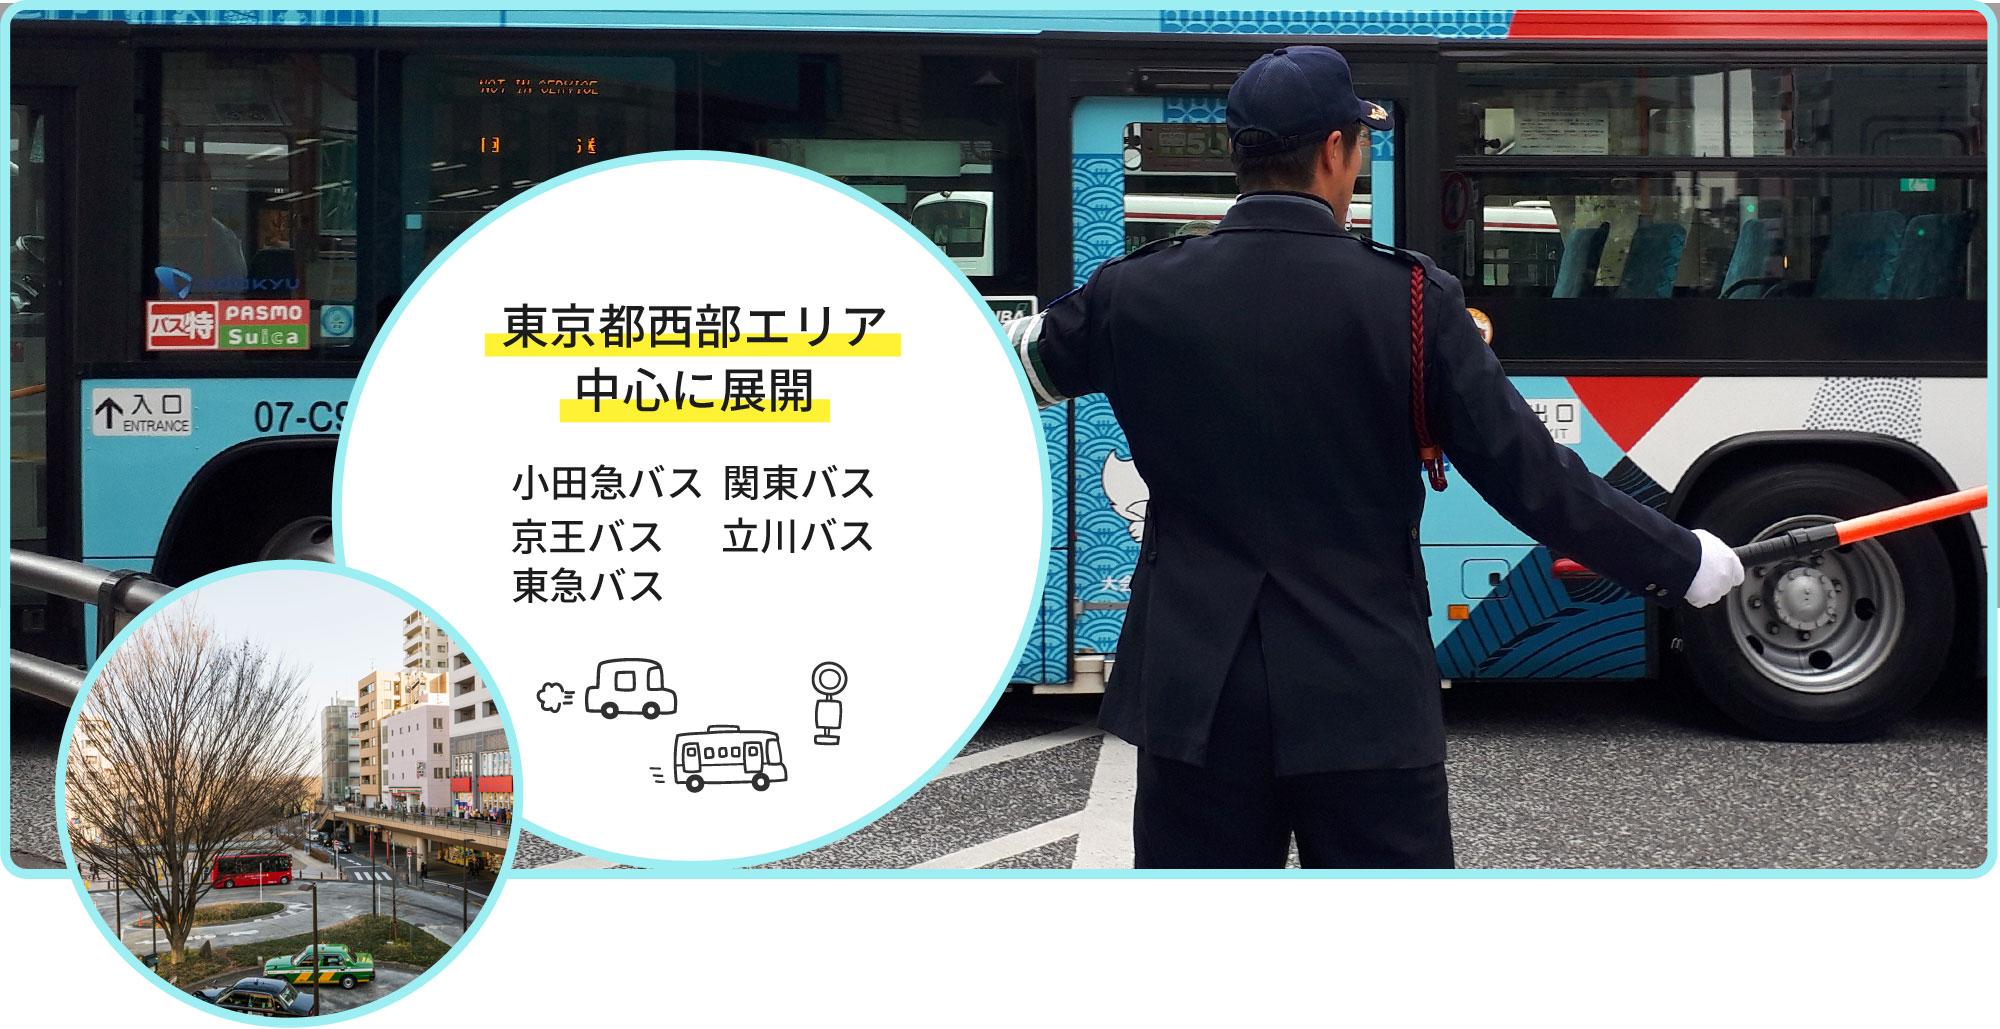 東京都西部エリア中心に展開 三鷹駅南口 関東バス 小田急バス 京王バス